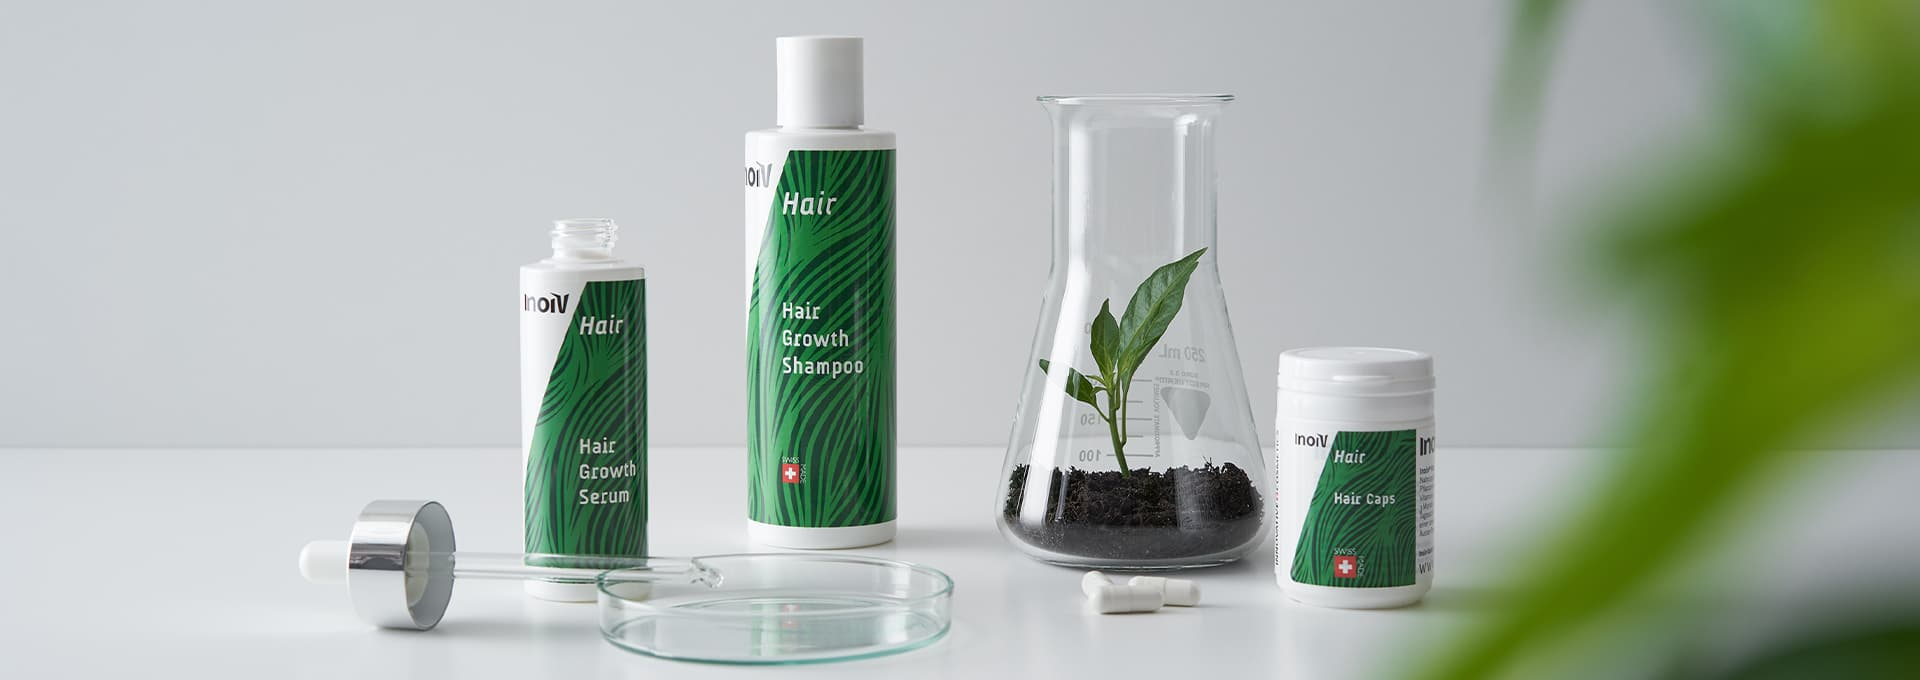 Série de produits Inoiv Hair